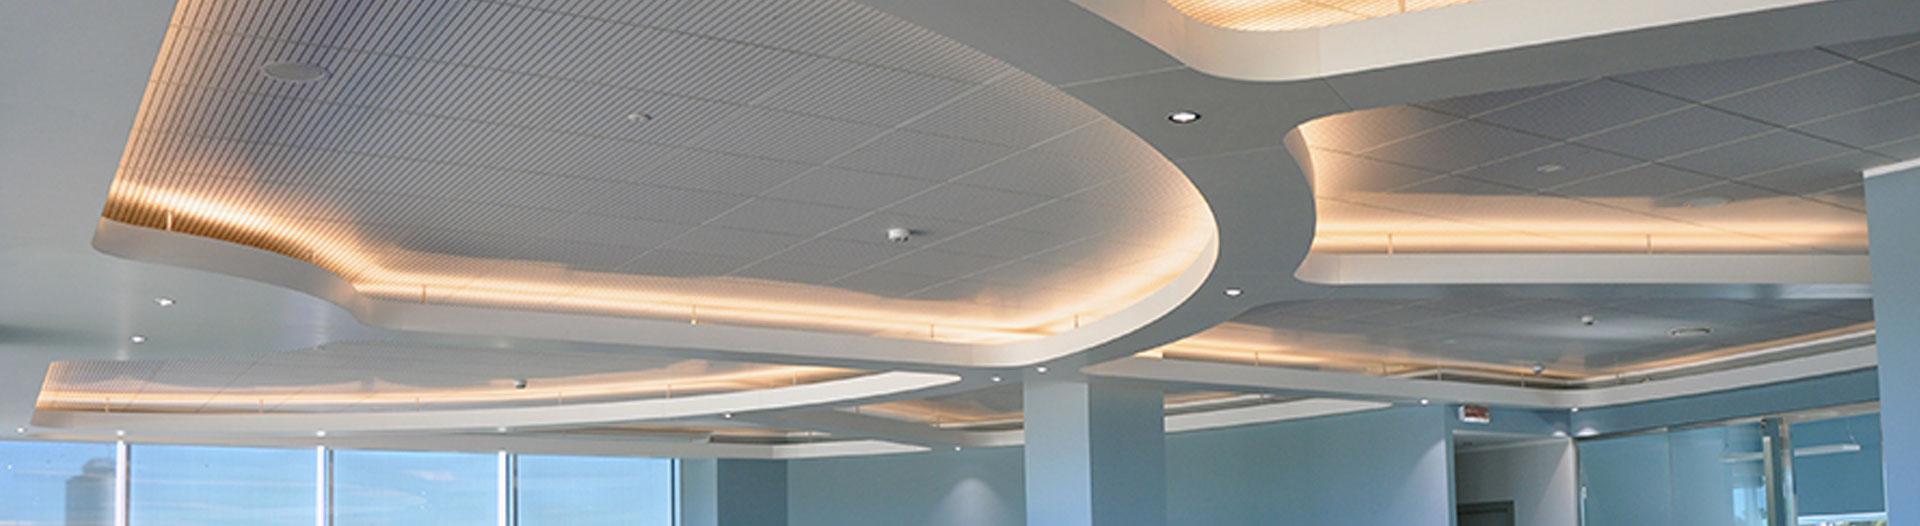 Certificazione impianto elettrico impianti certificati for Certificazione impianti